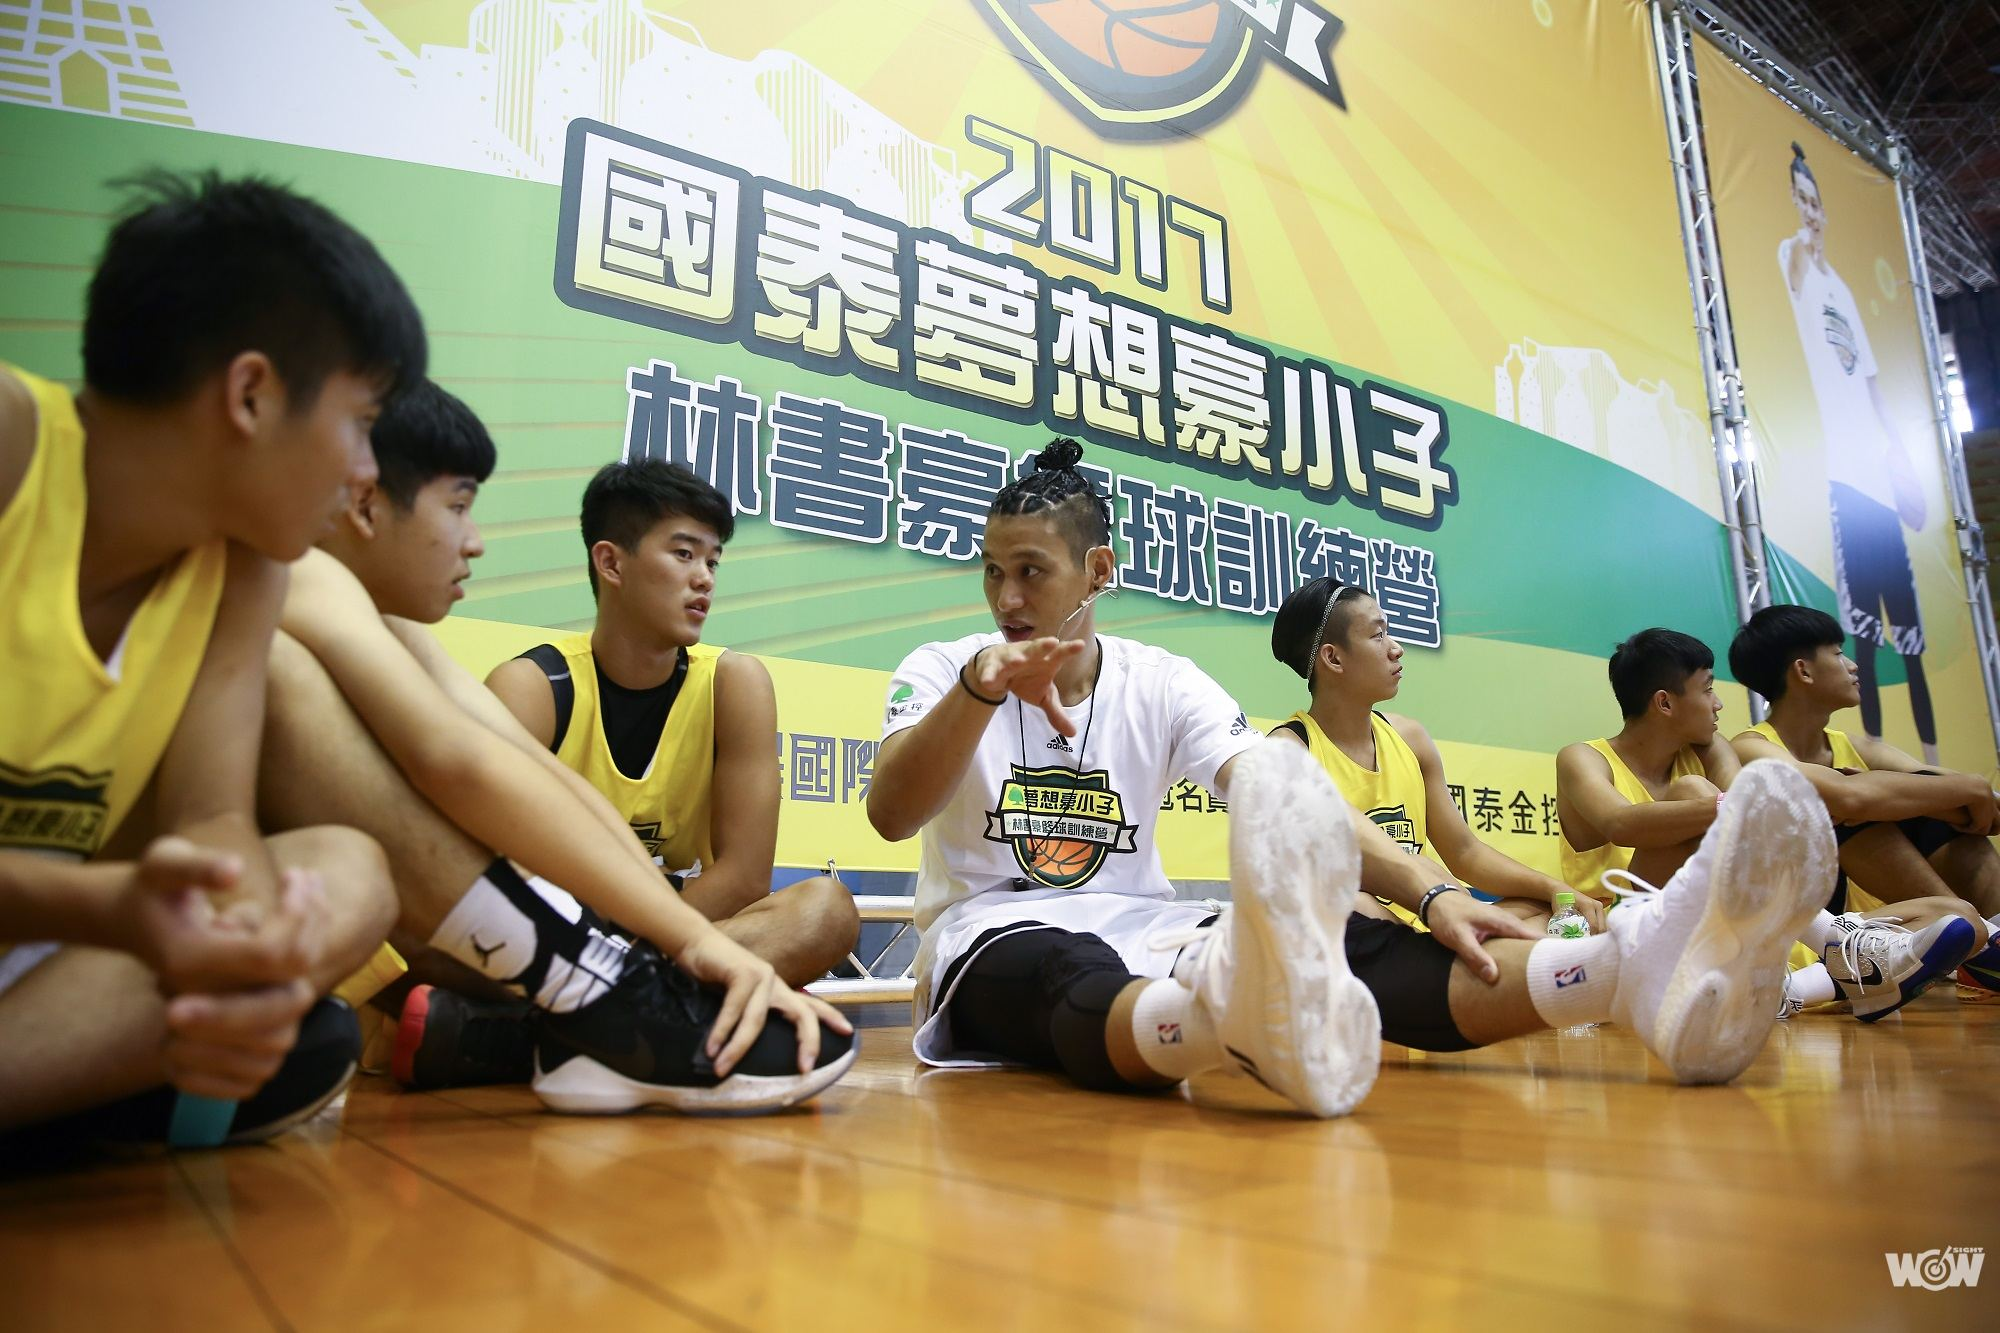 林書豪: 林書豪與學員討論籃球